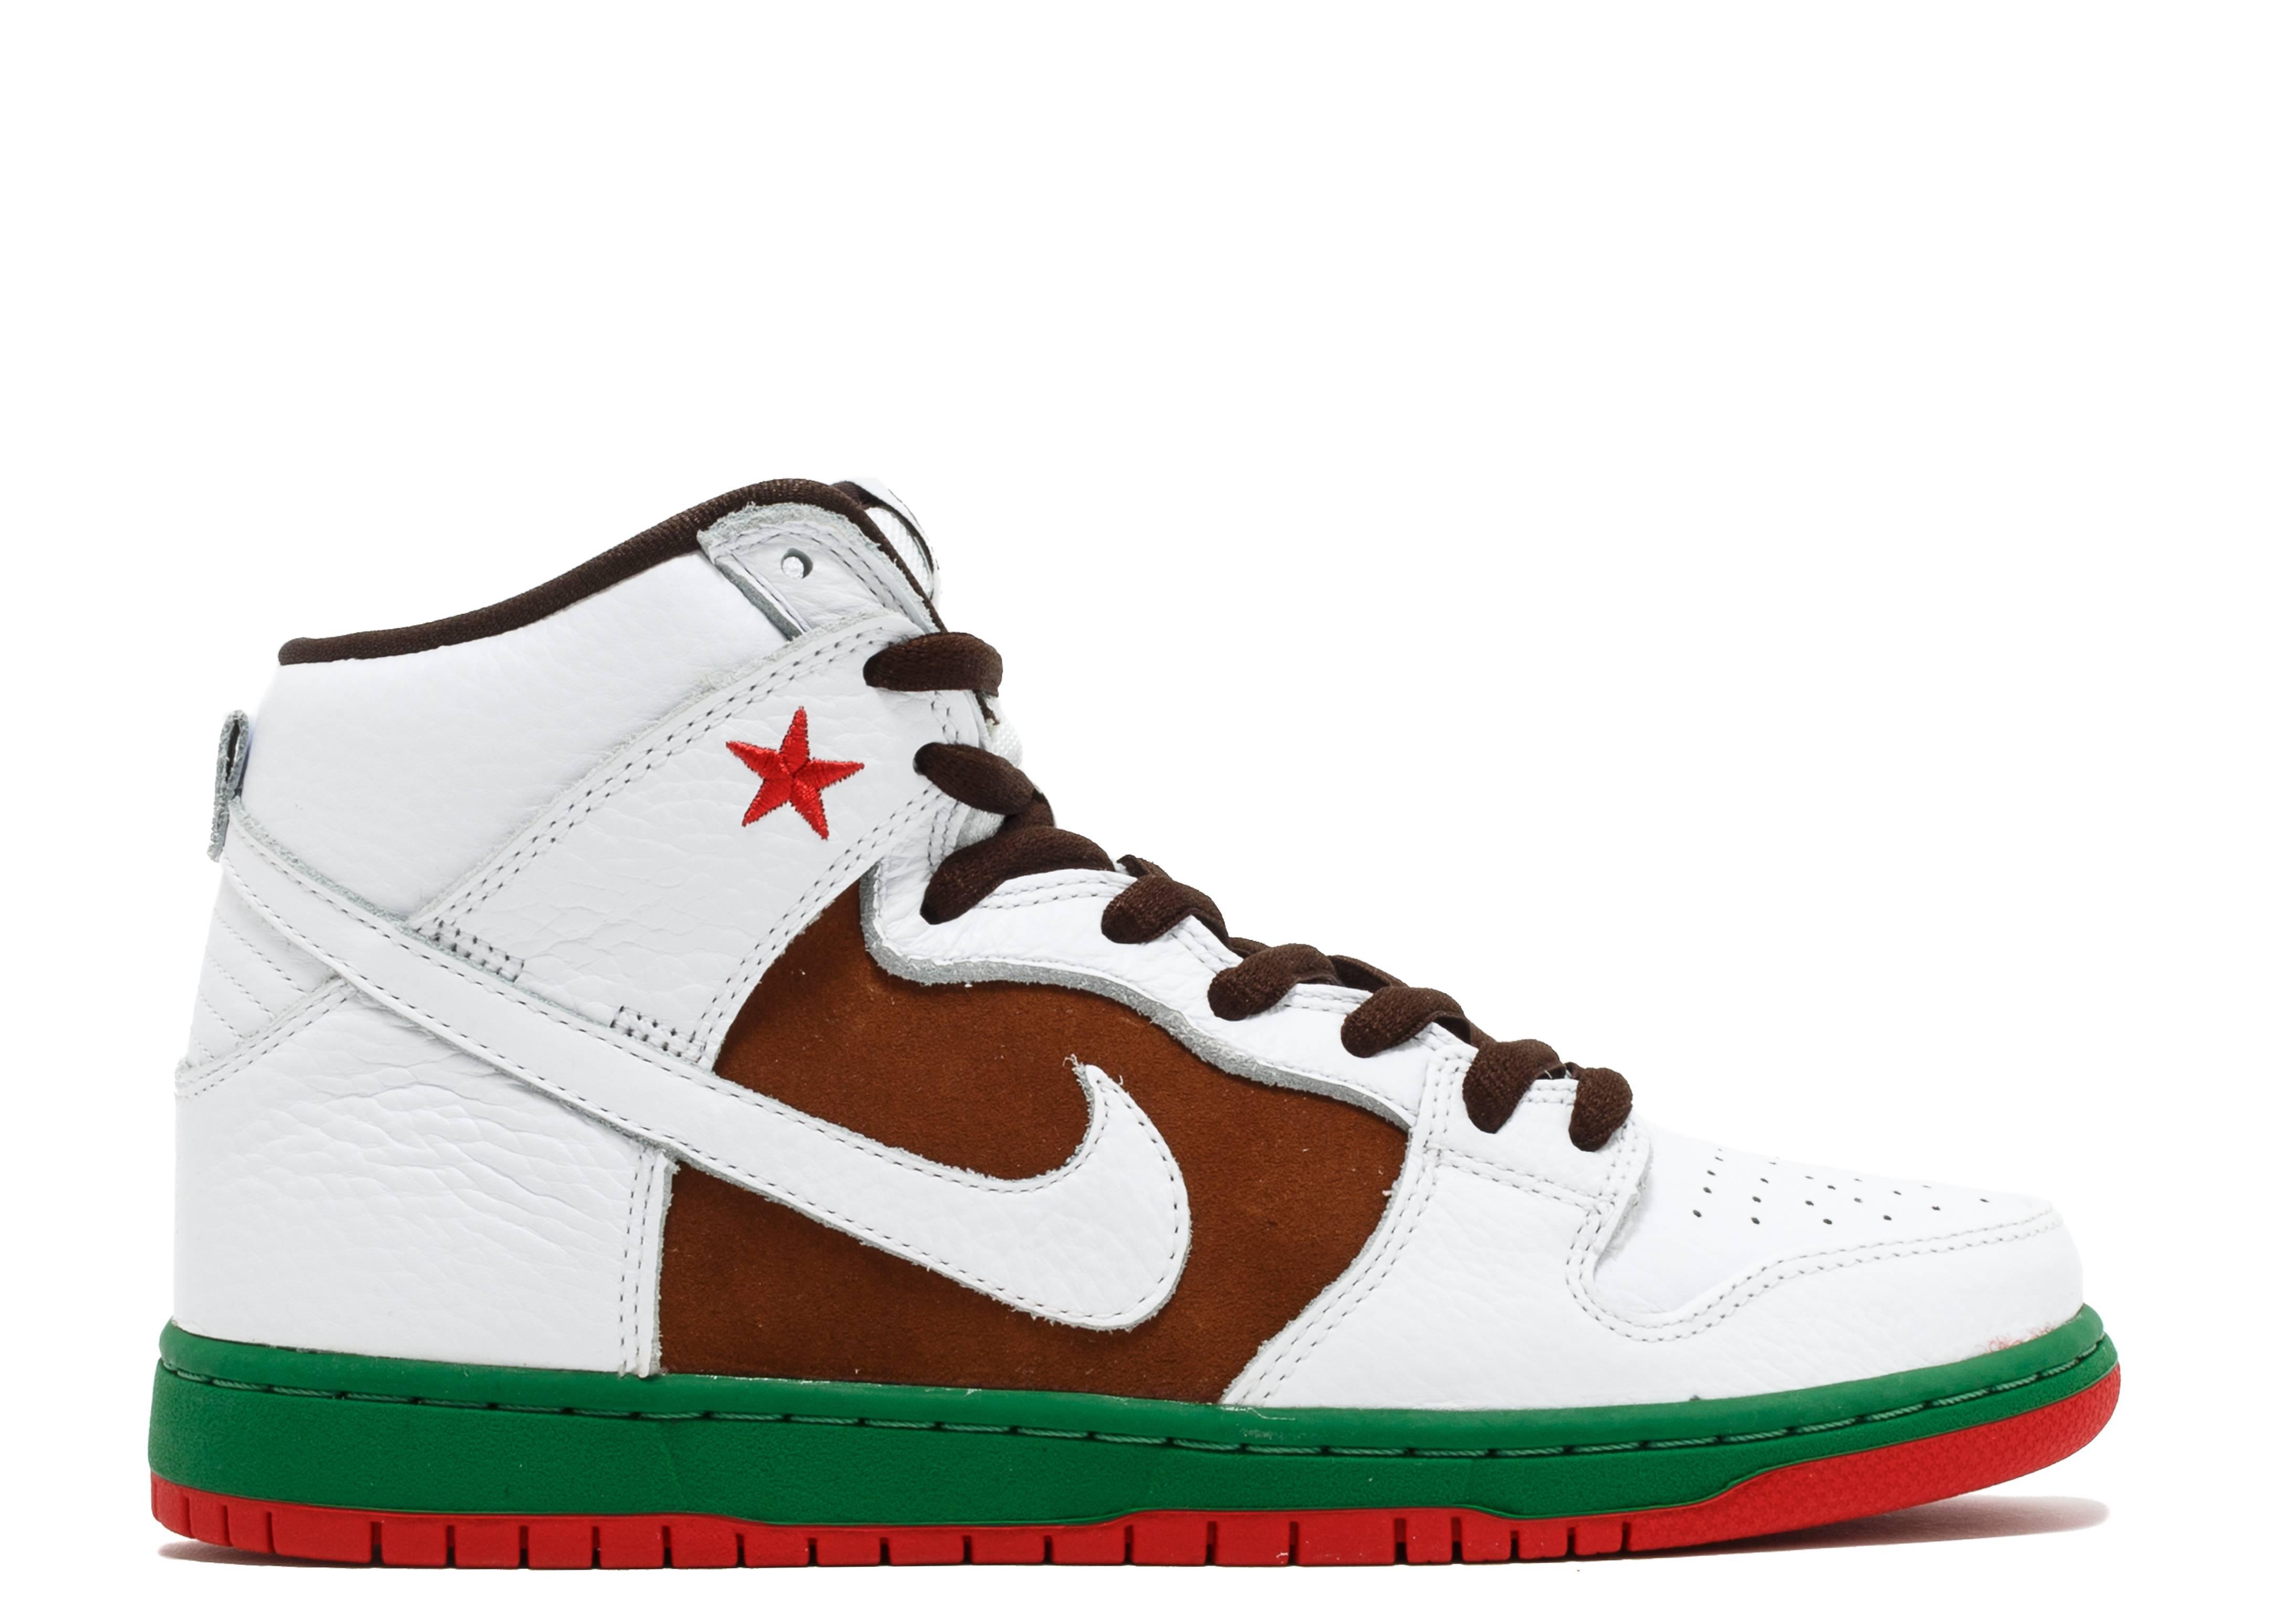 Dunk High SB 'Cali' - Nike - 313171 201